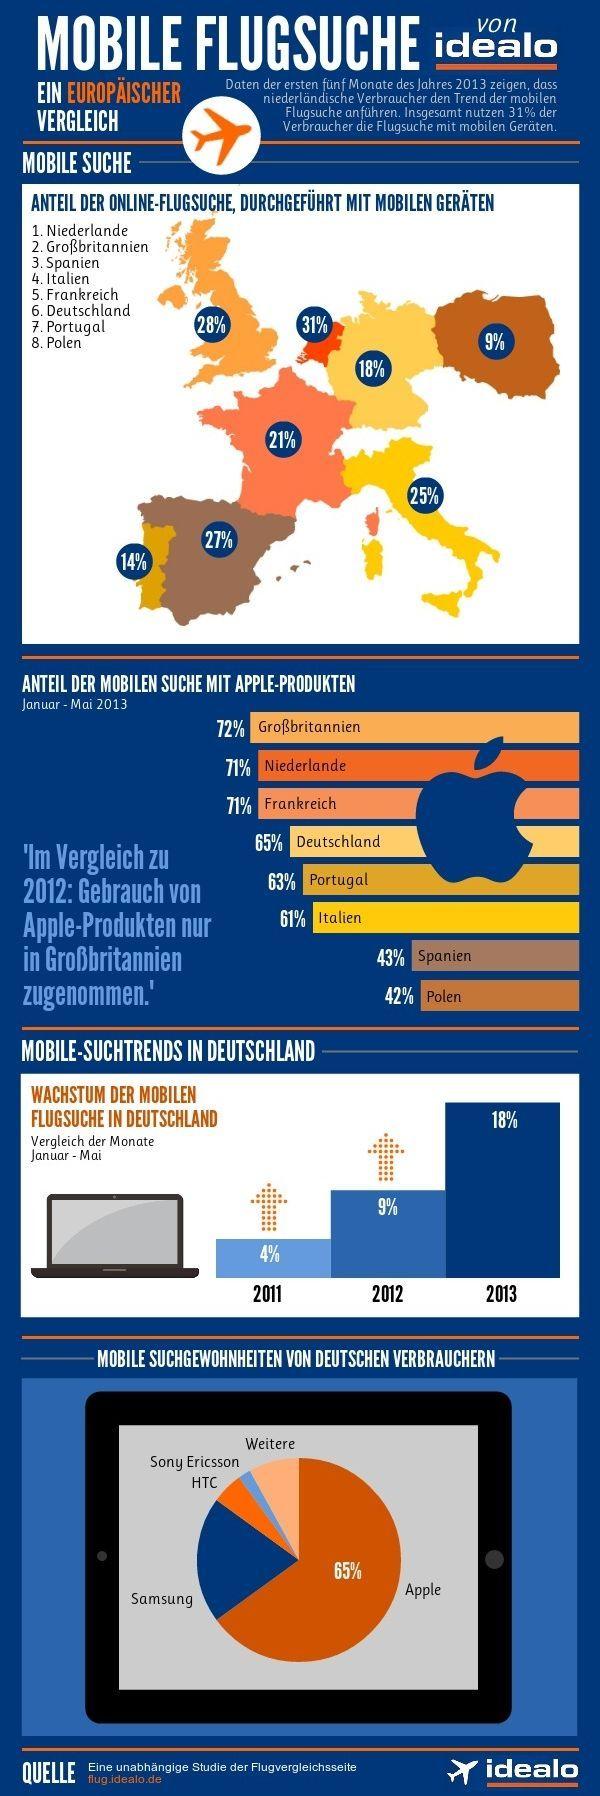 Mobile Flugsuche im europäischen Vergleich